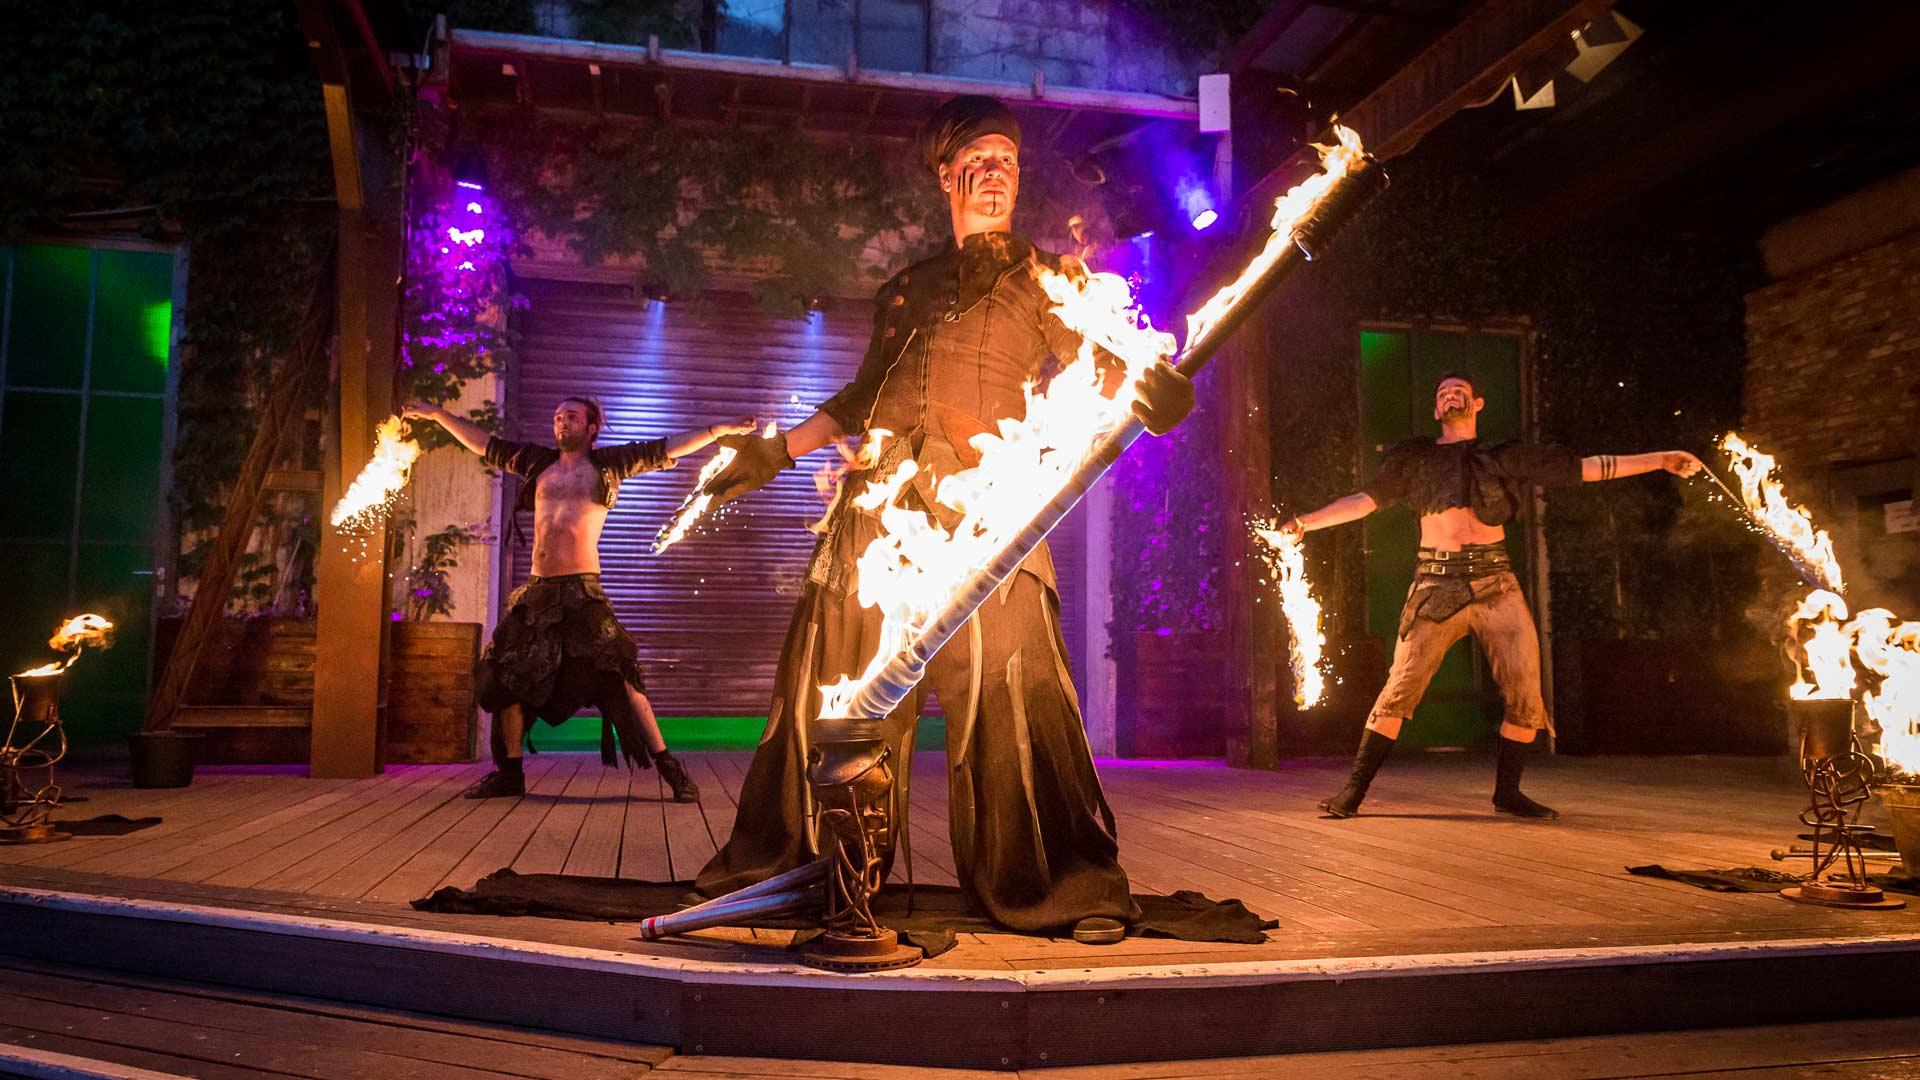 Foiah - die Walkacts und Show für Stadtfeste, Theaterfesivals